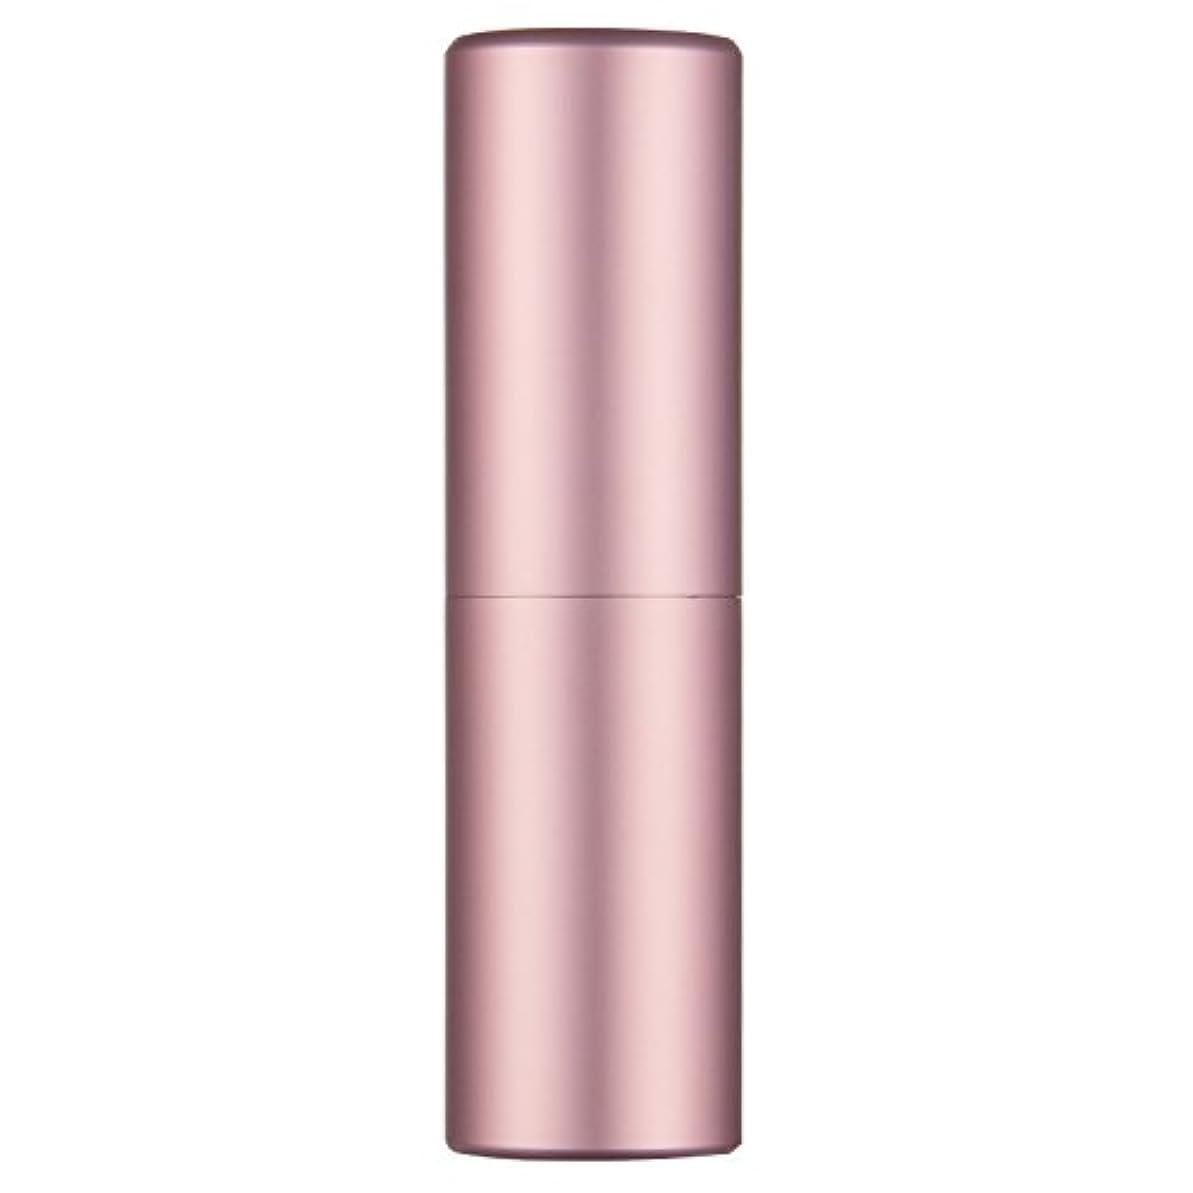 アイドルトレイル宝石香水アトマイザー Faireach 香水瓶 香水ガラス 香水ボトル 香水噴霧器 香水詰め替え 旅行携帯便利 男女兼用 20ml ピンク